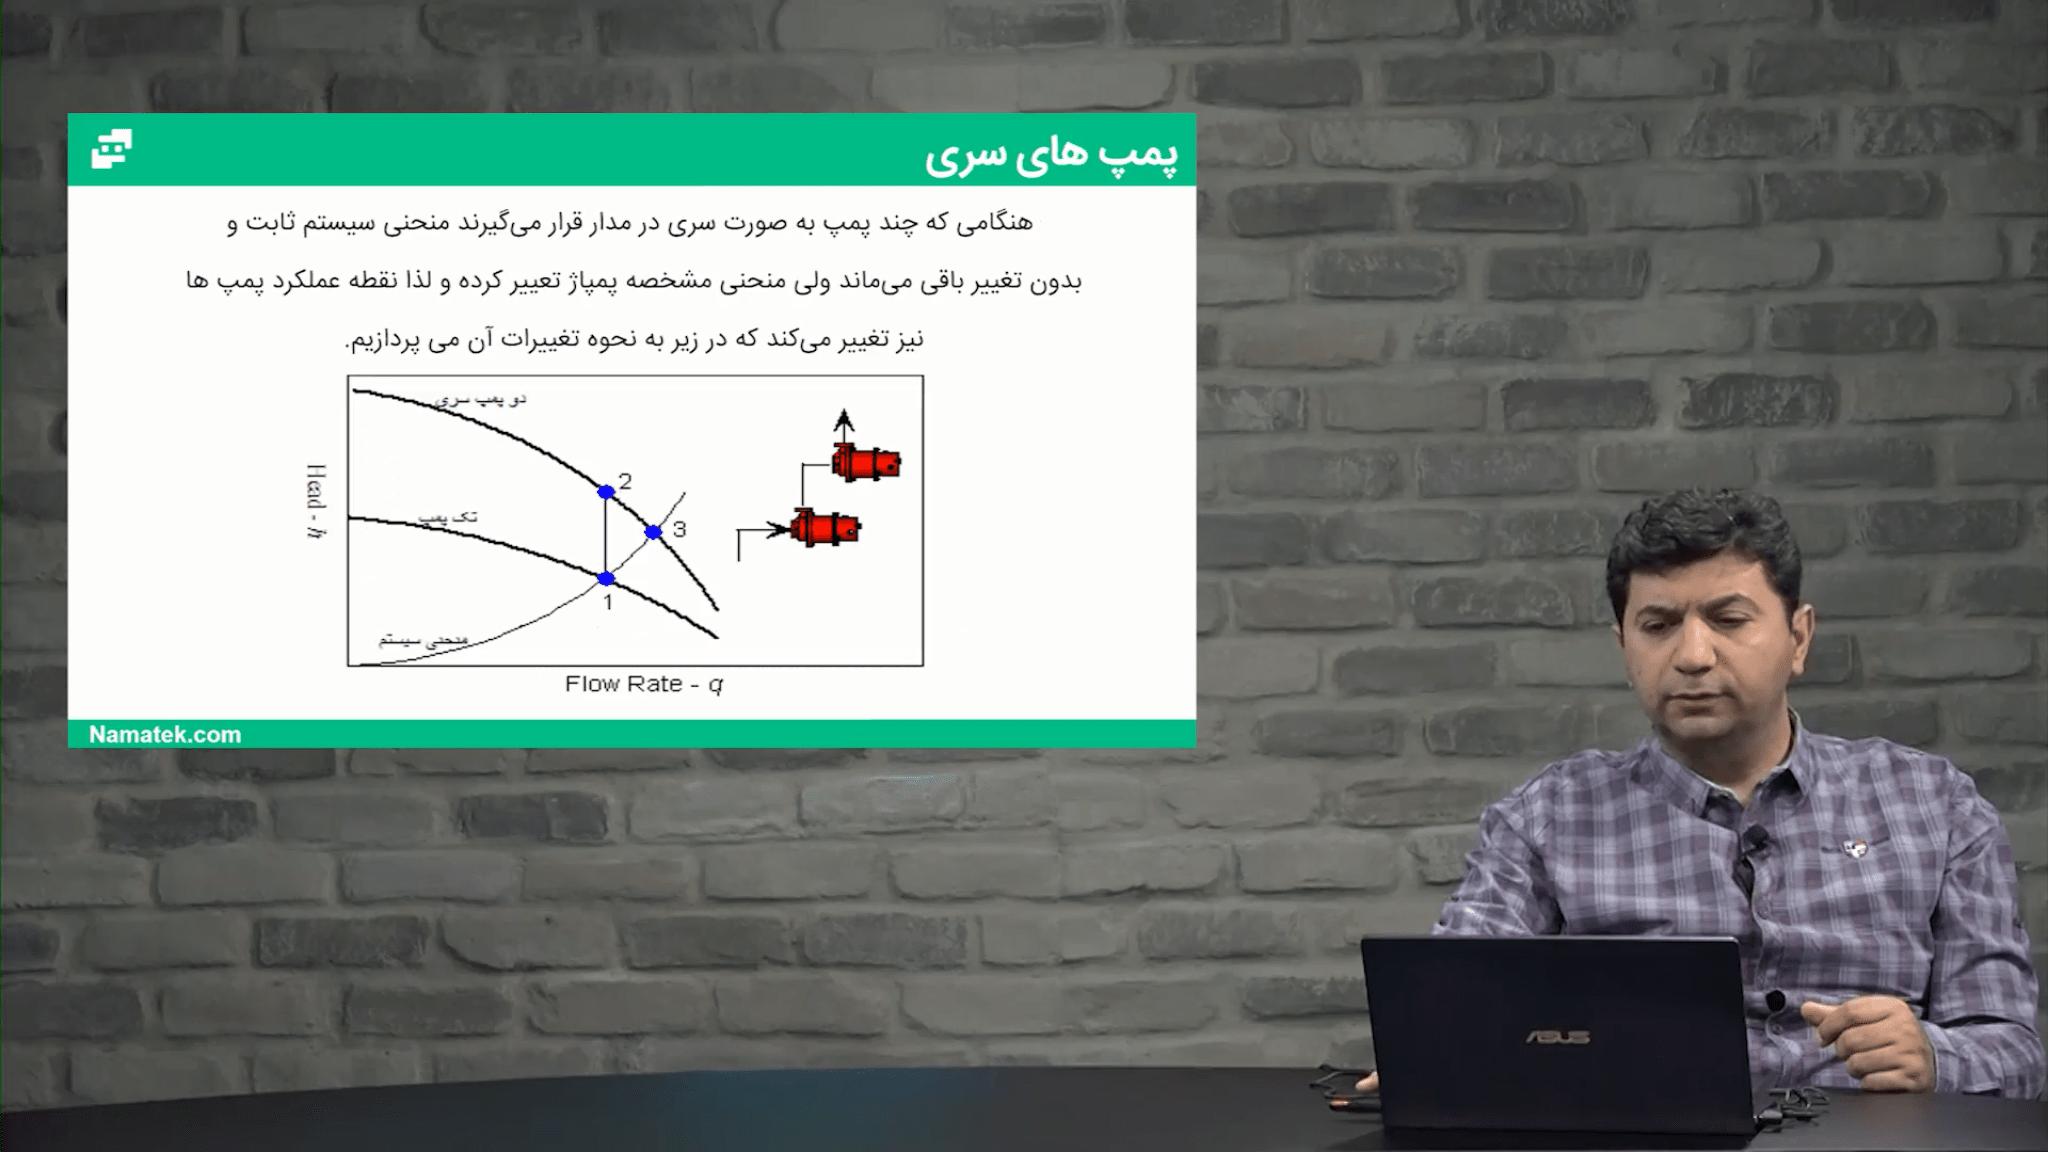 آموزش آزمون نظام مهندسی مکانیک (2)